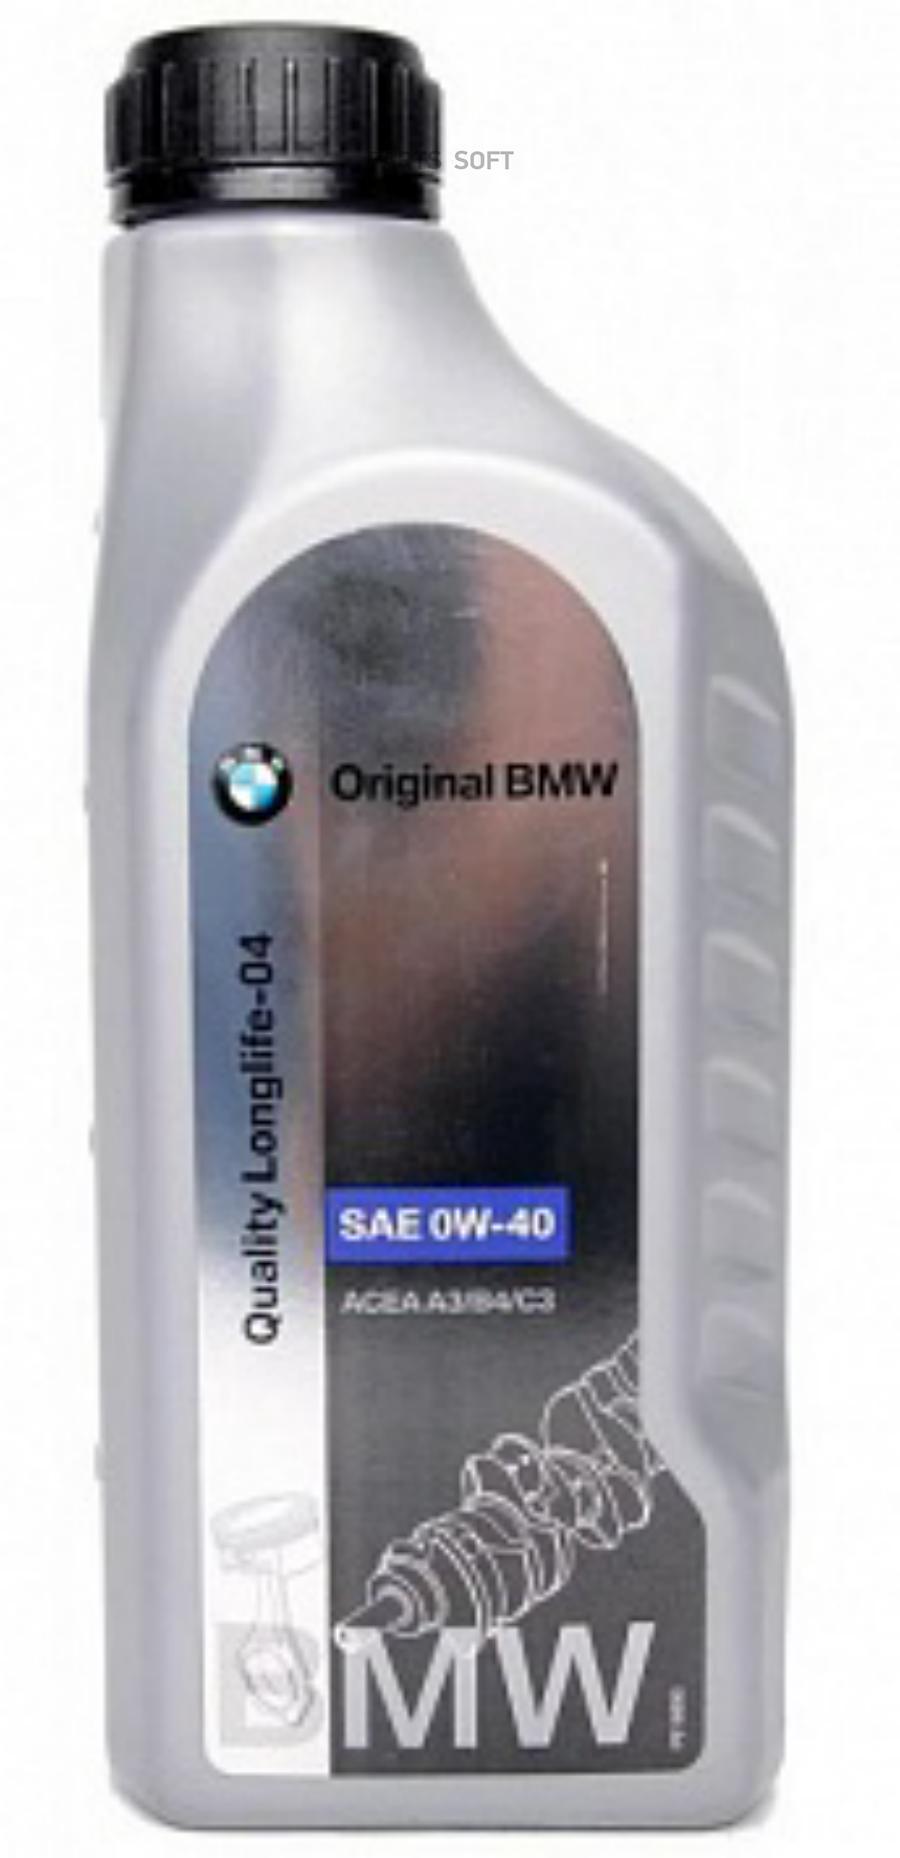 BMW QUALITY LOGLIFE-04 .